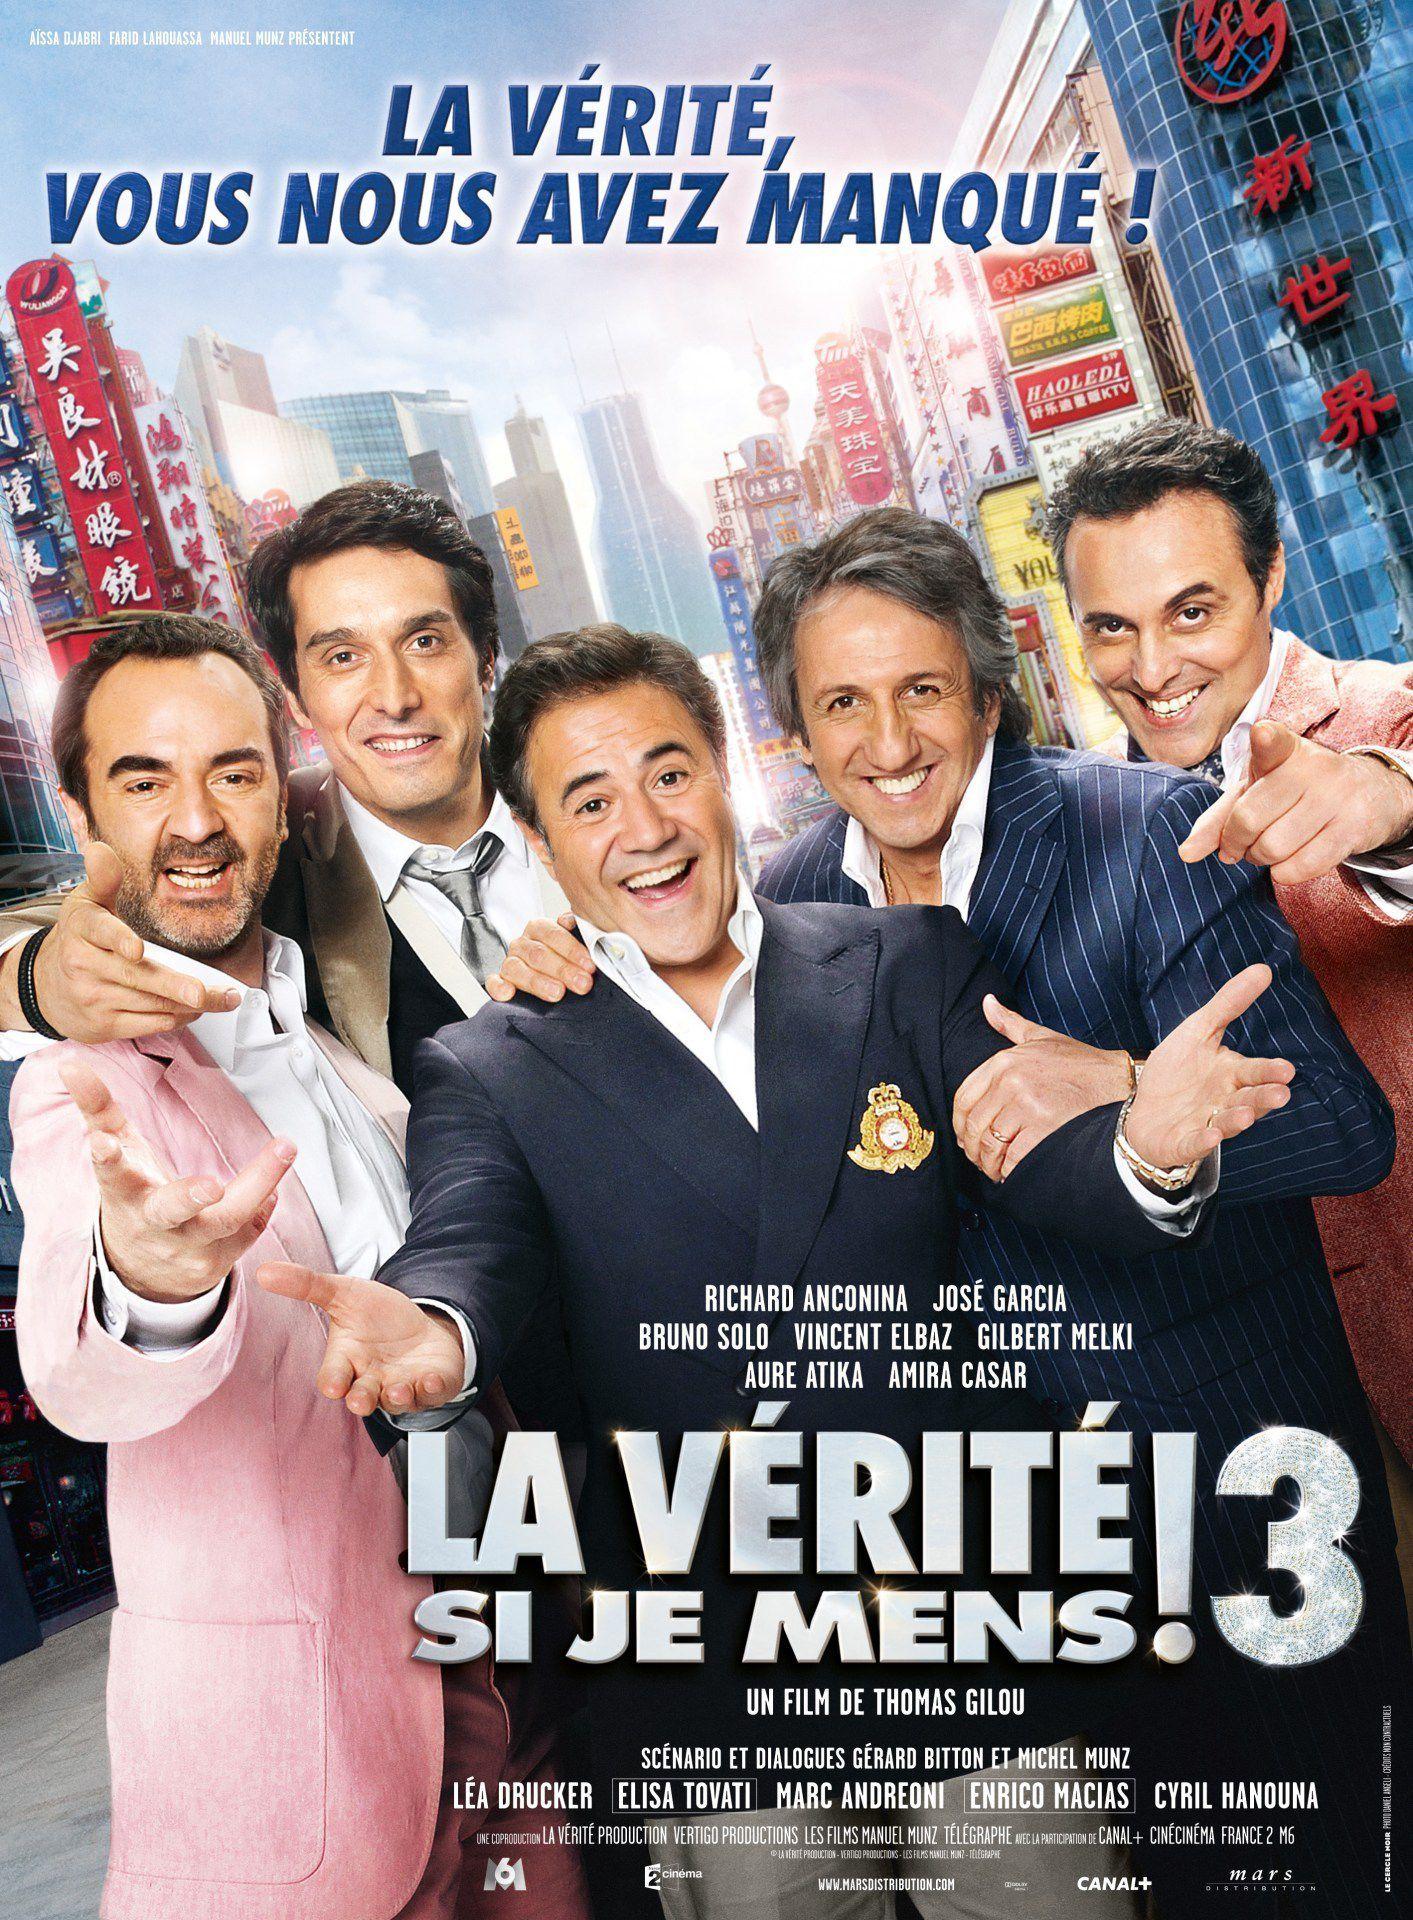 La Vérité si je mens ! 3 - Film (2012)